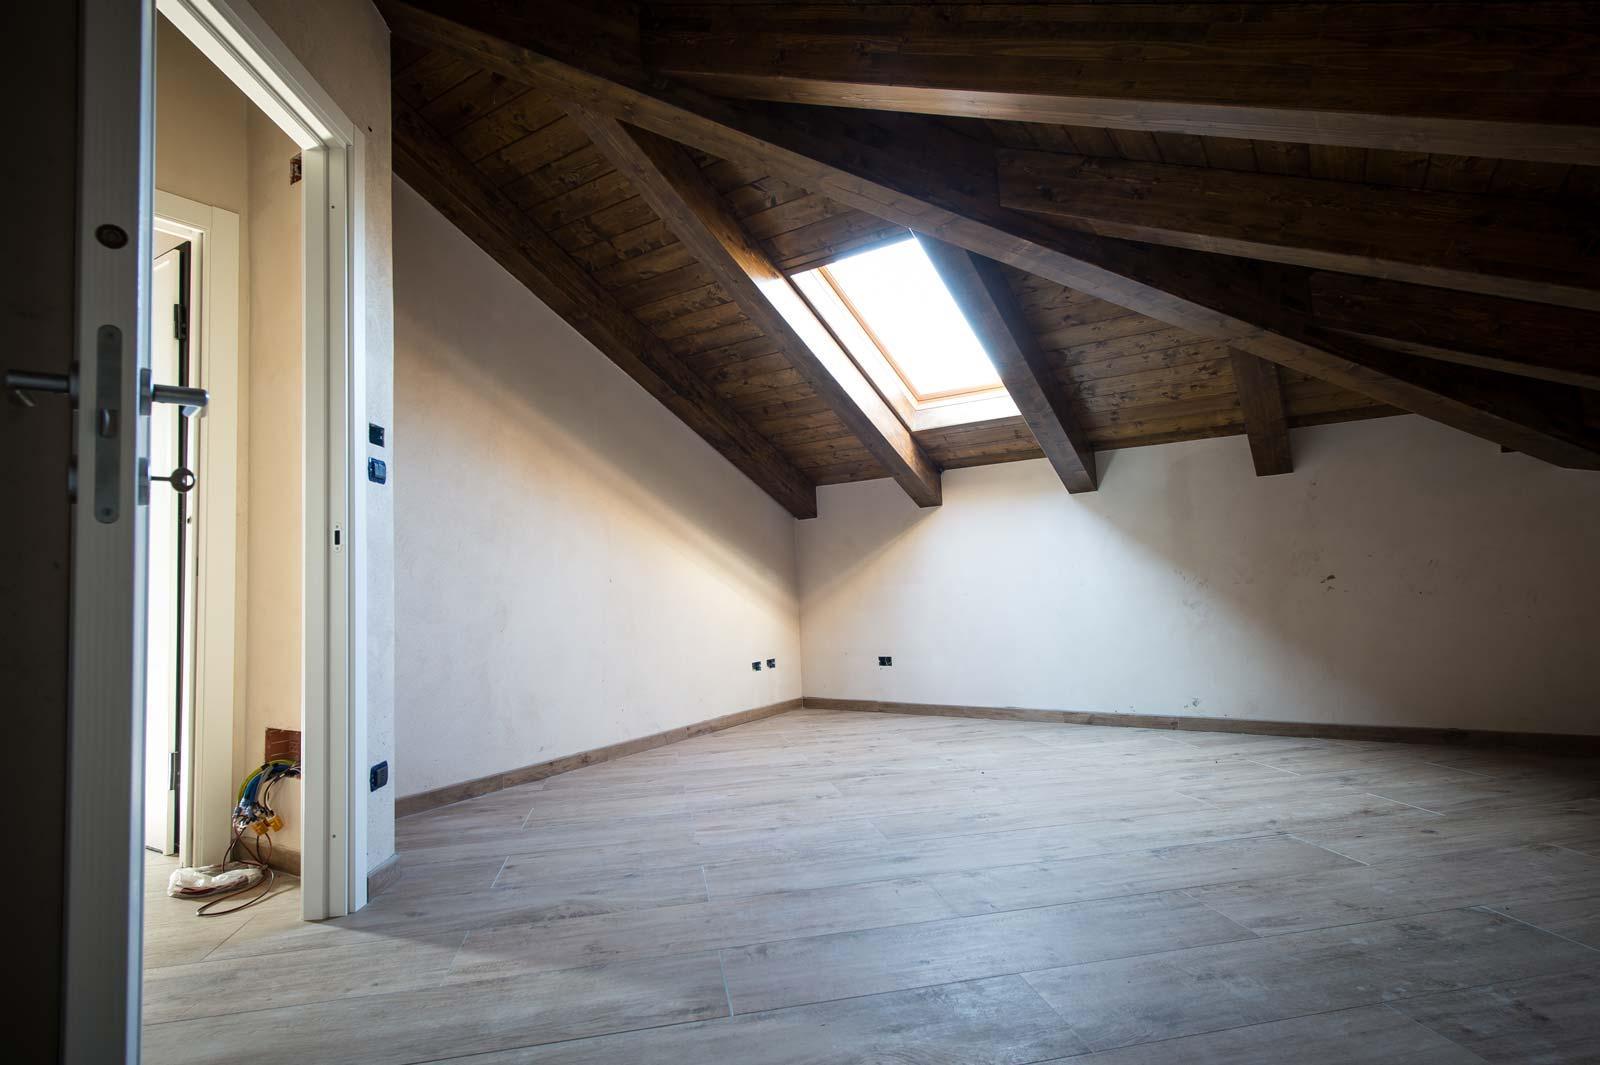 Zeitgenössischer Stil mit Treverk, Clays, Oficina7 | Marazzi